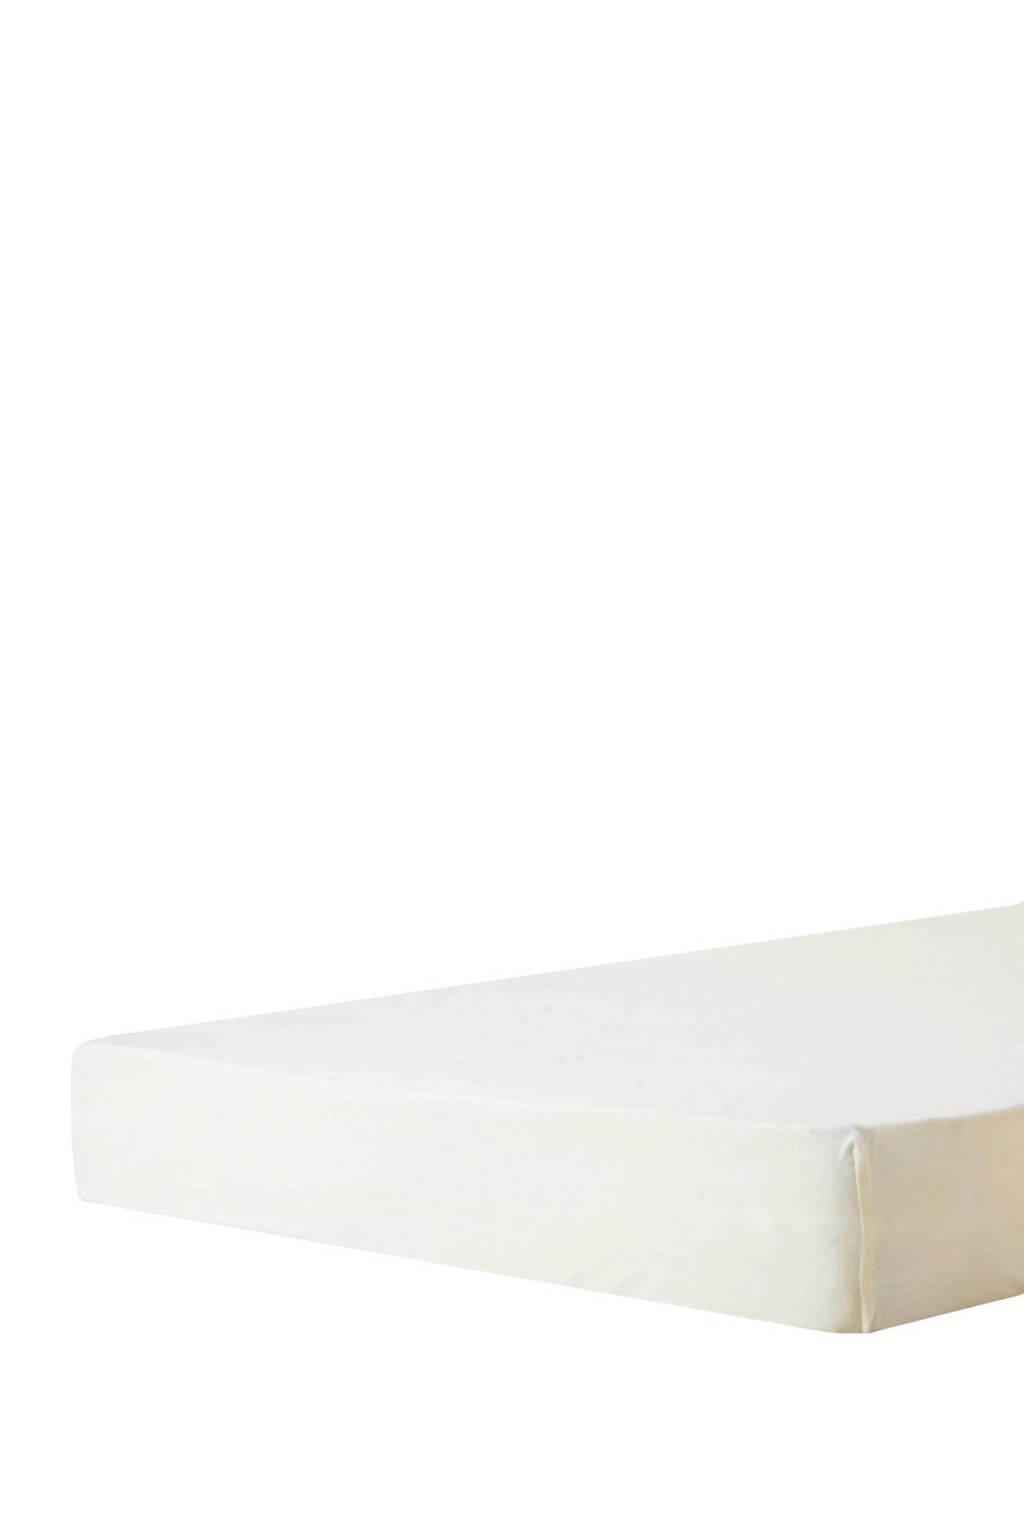 Beddinghouse jersey hoeslaken Ecru